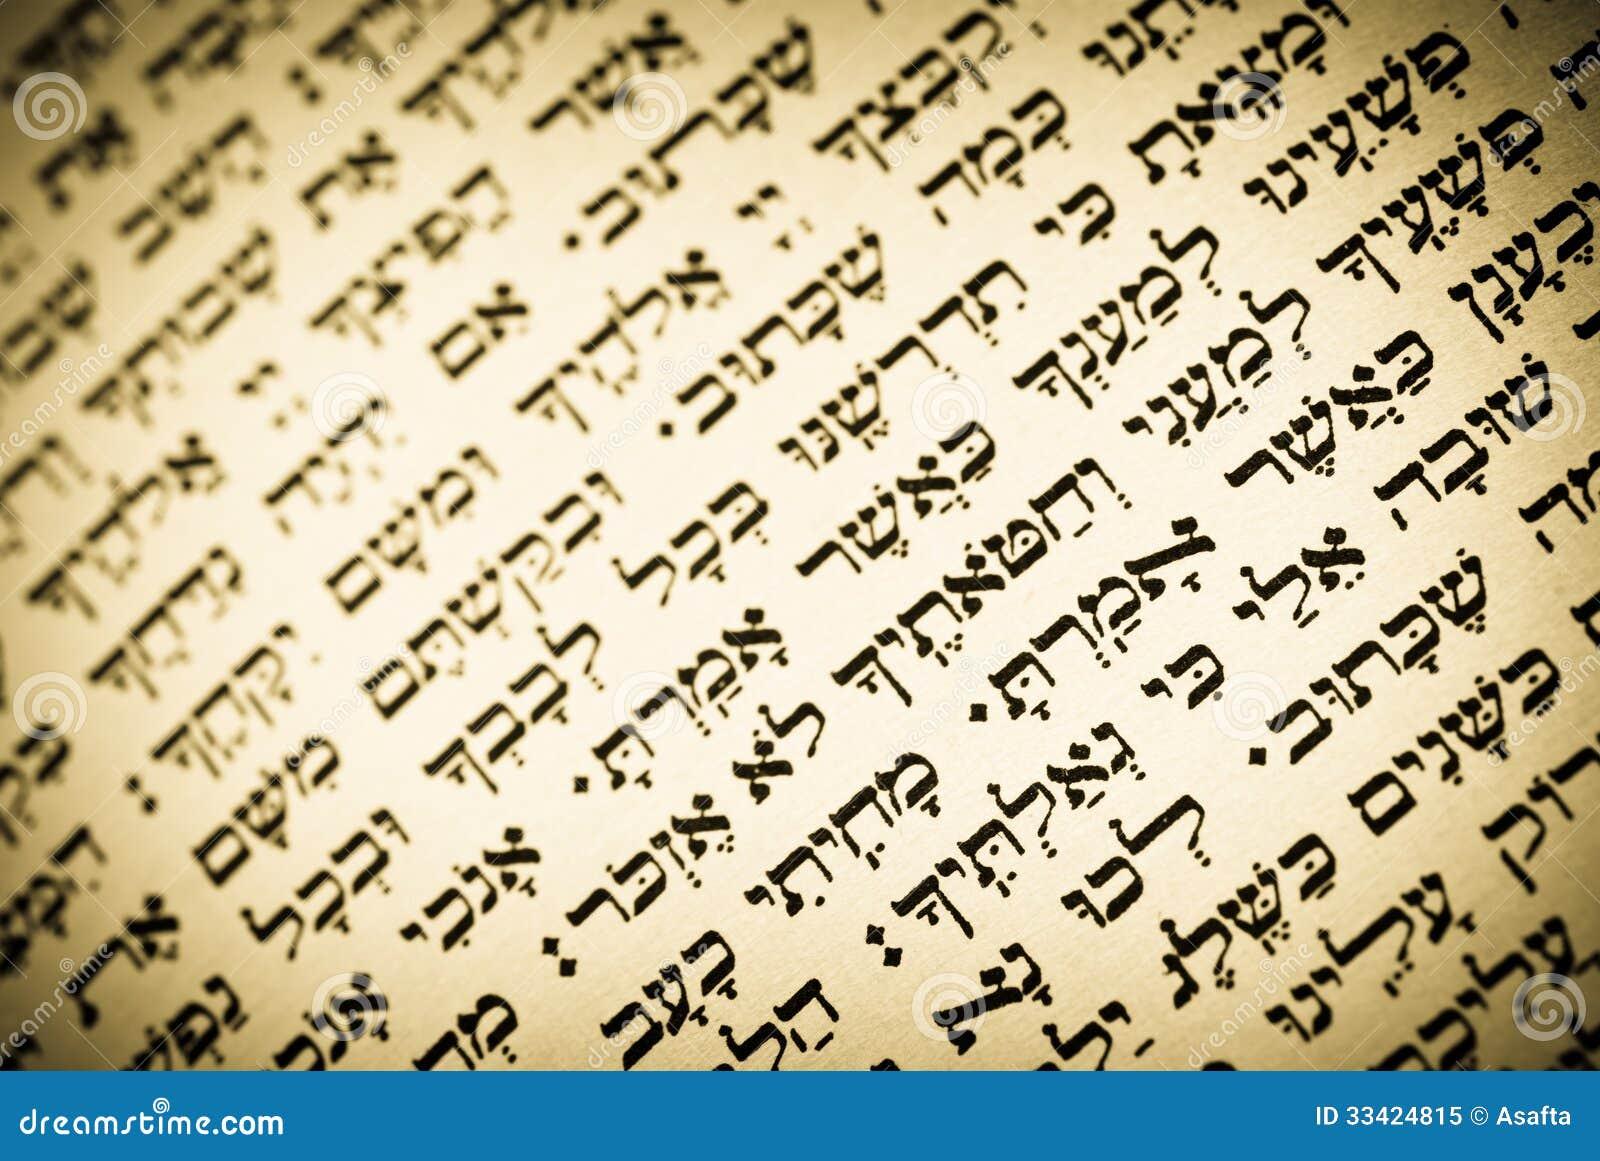 Texto hebreo